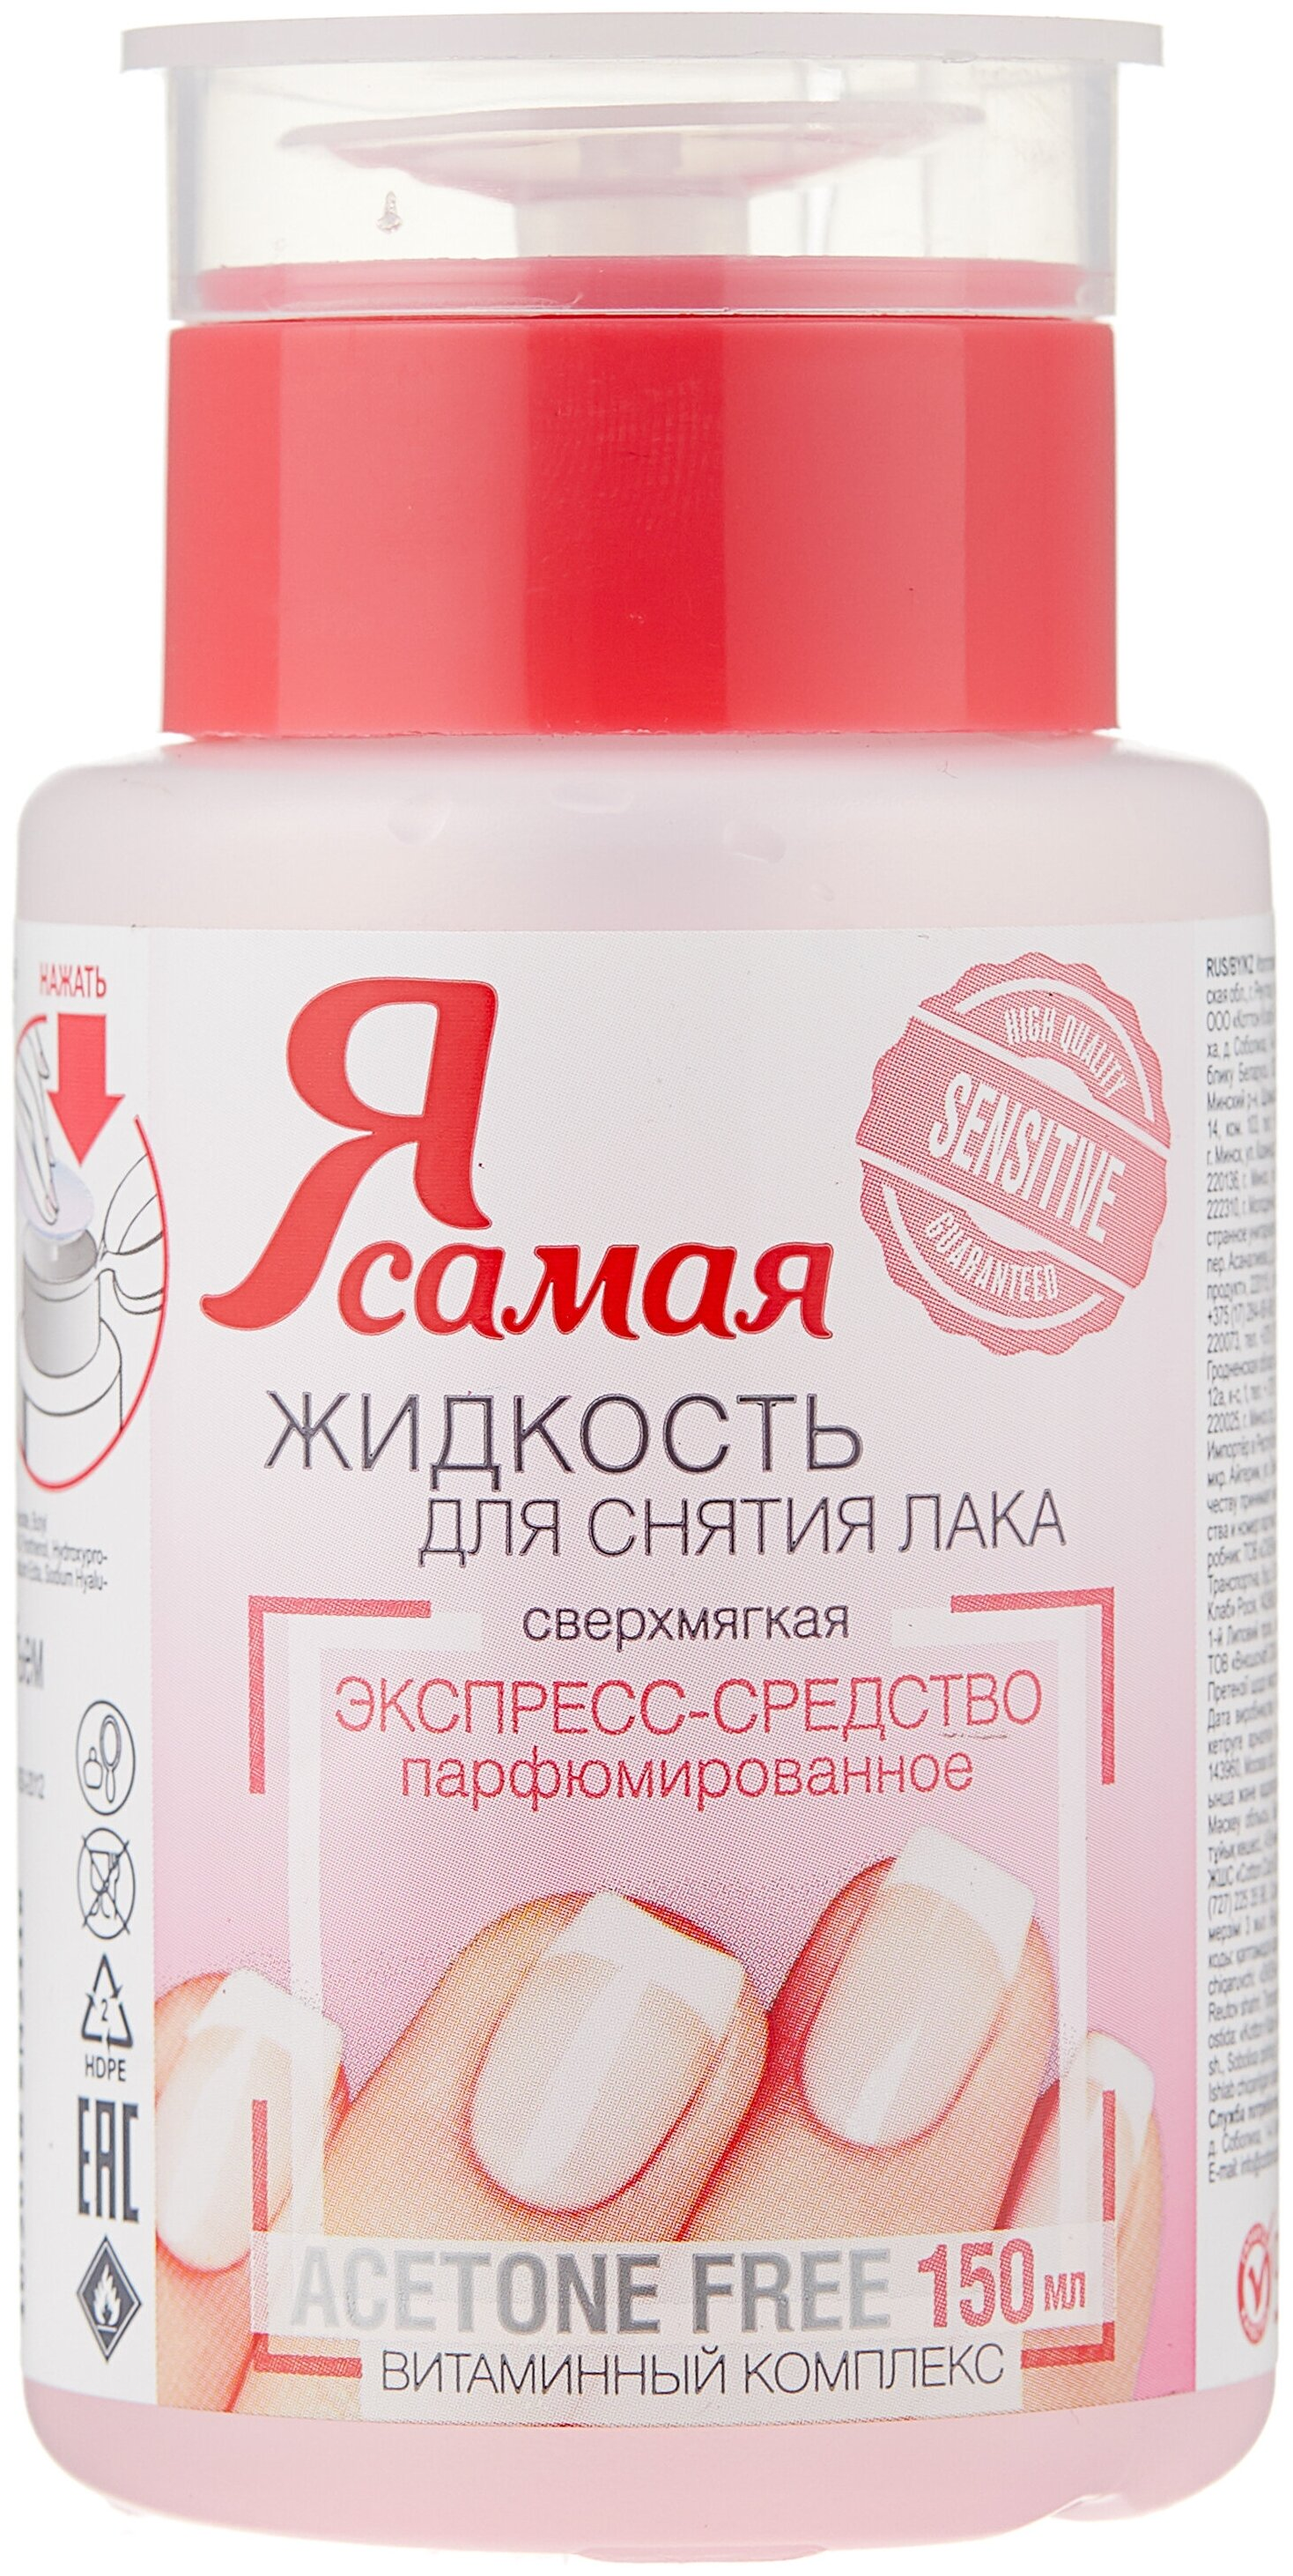 Я Самая Средство для снятия лака Sensetive с помпой-дозатором — купить по выгодной цене на Яндекс.Маркете